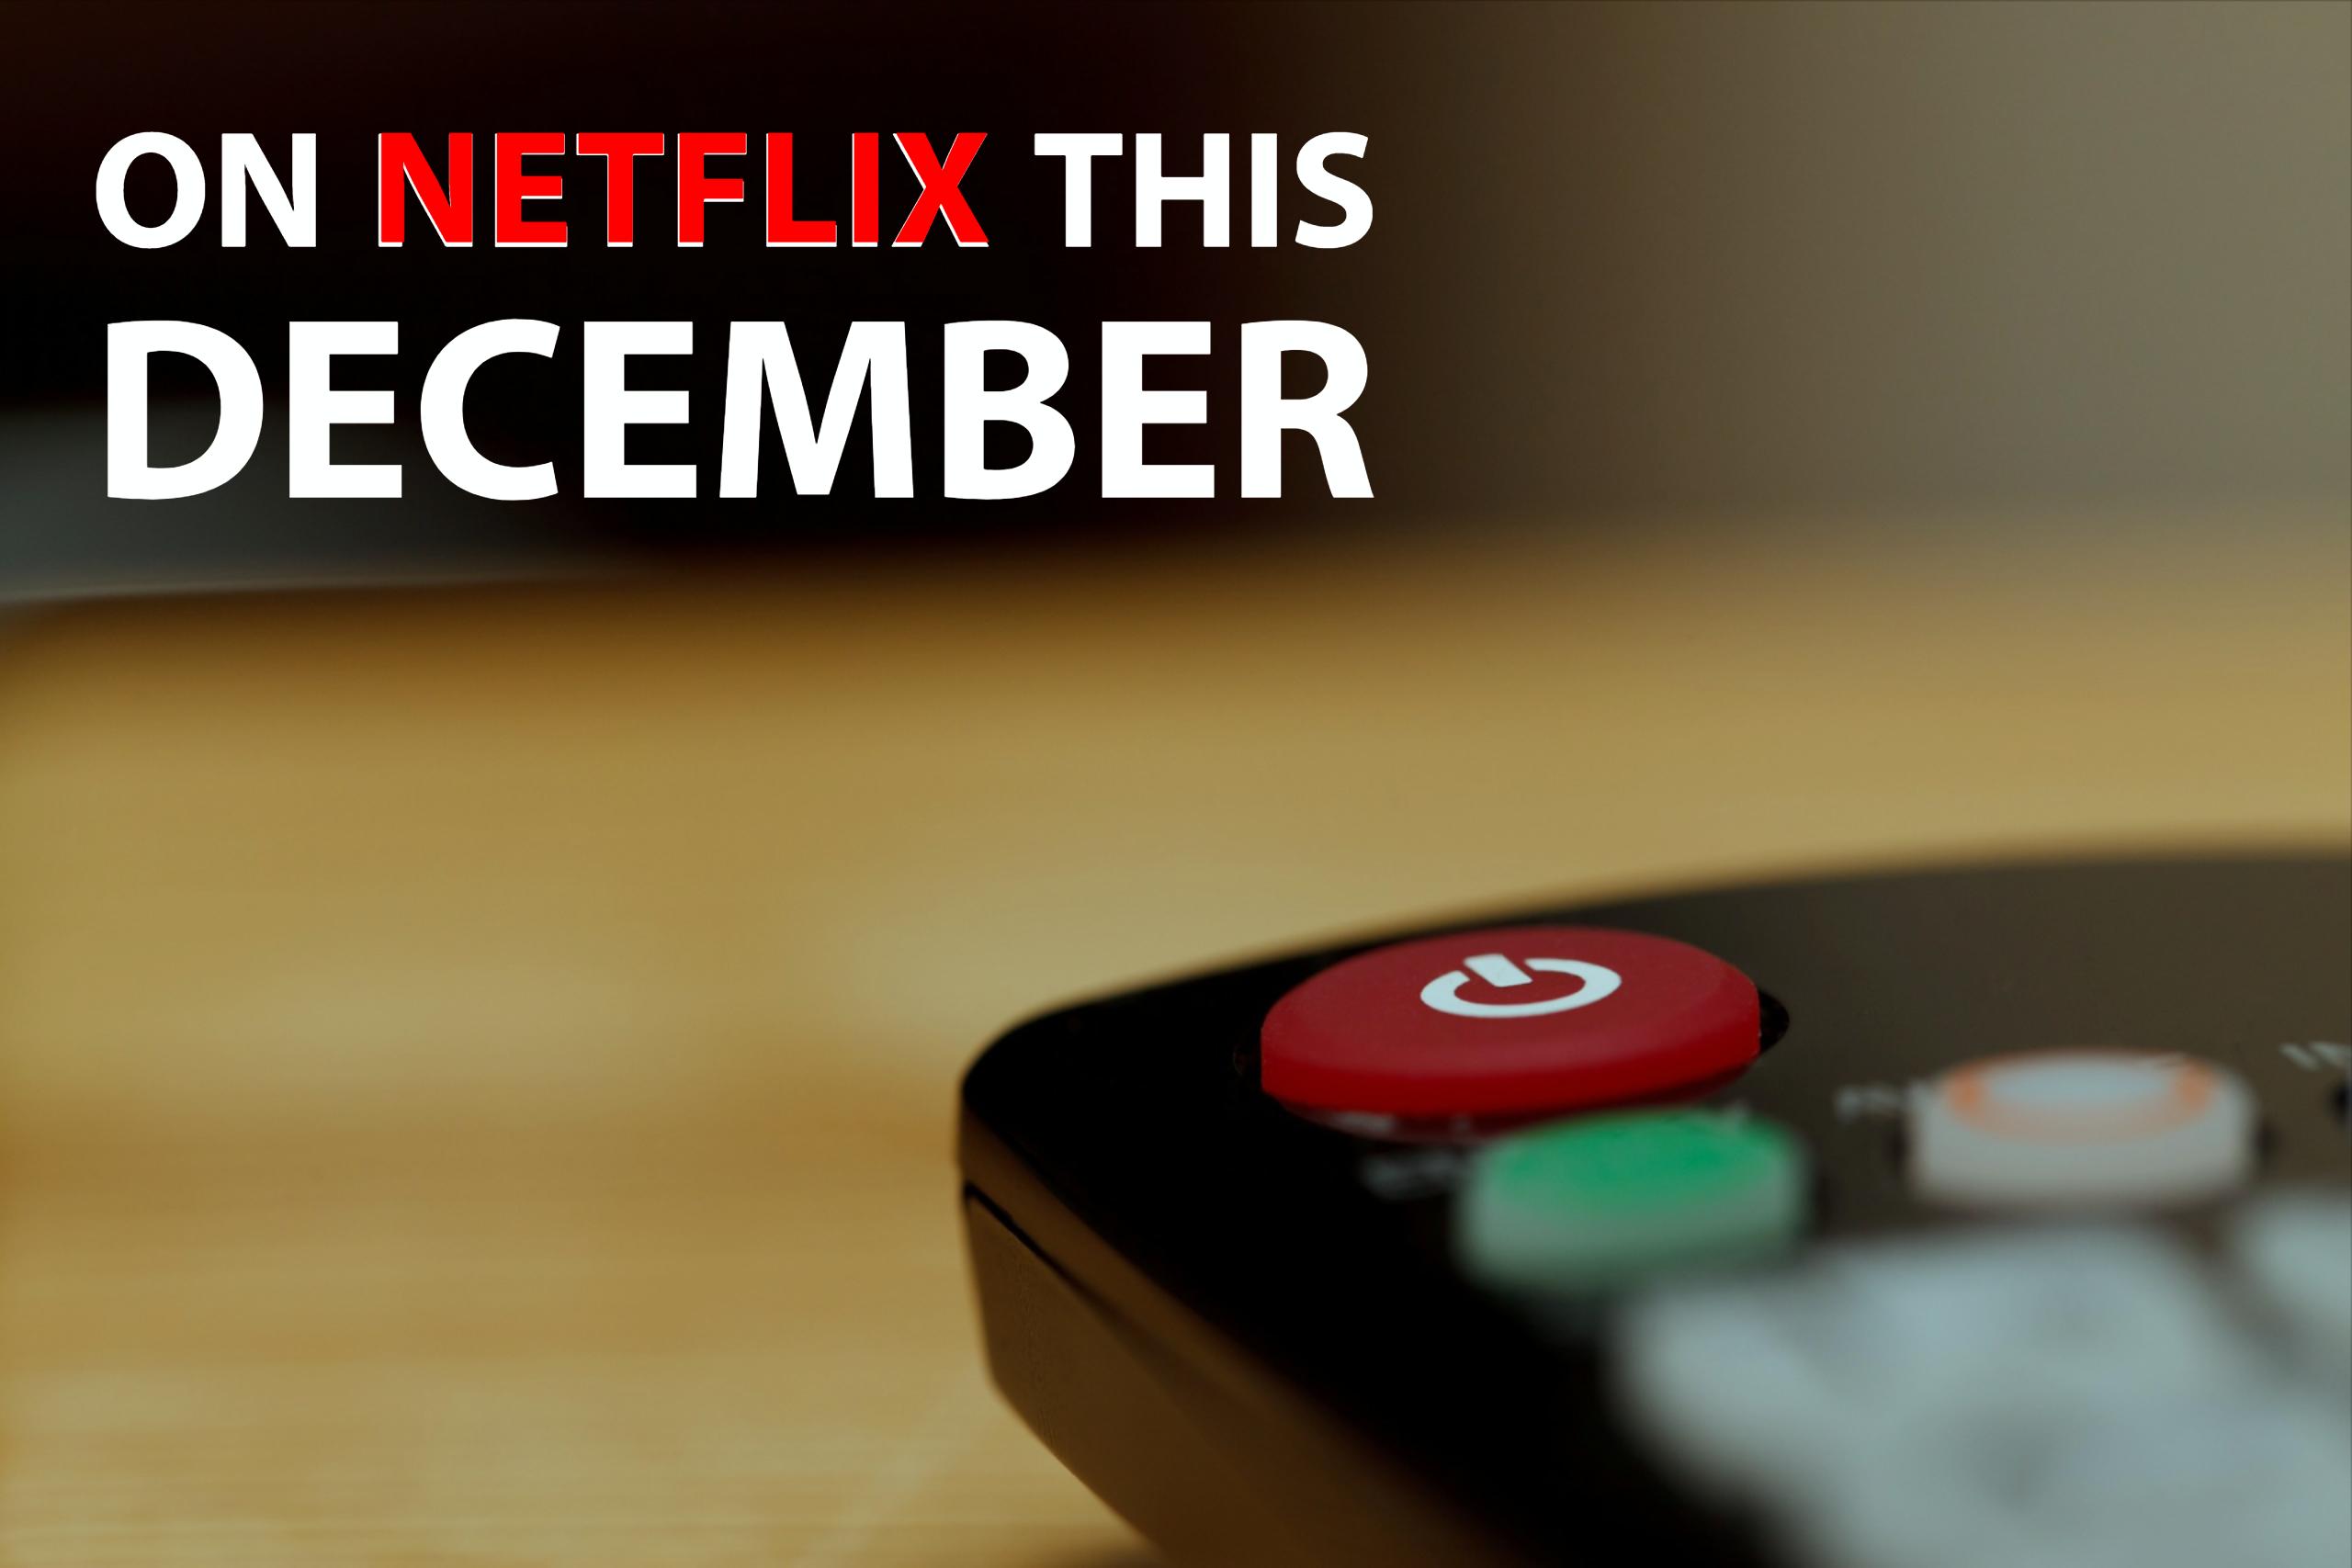 Netflix December Releases